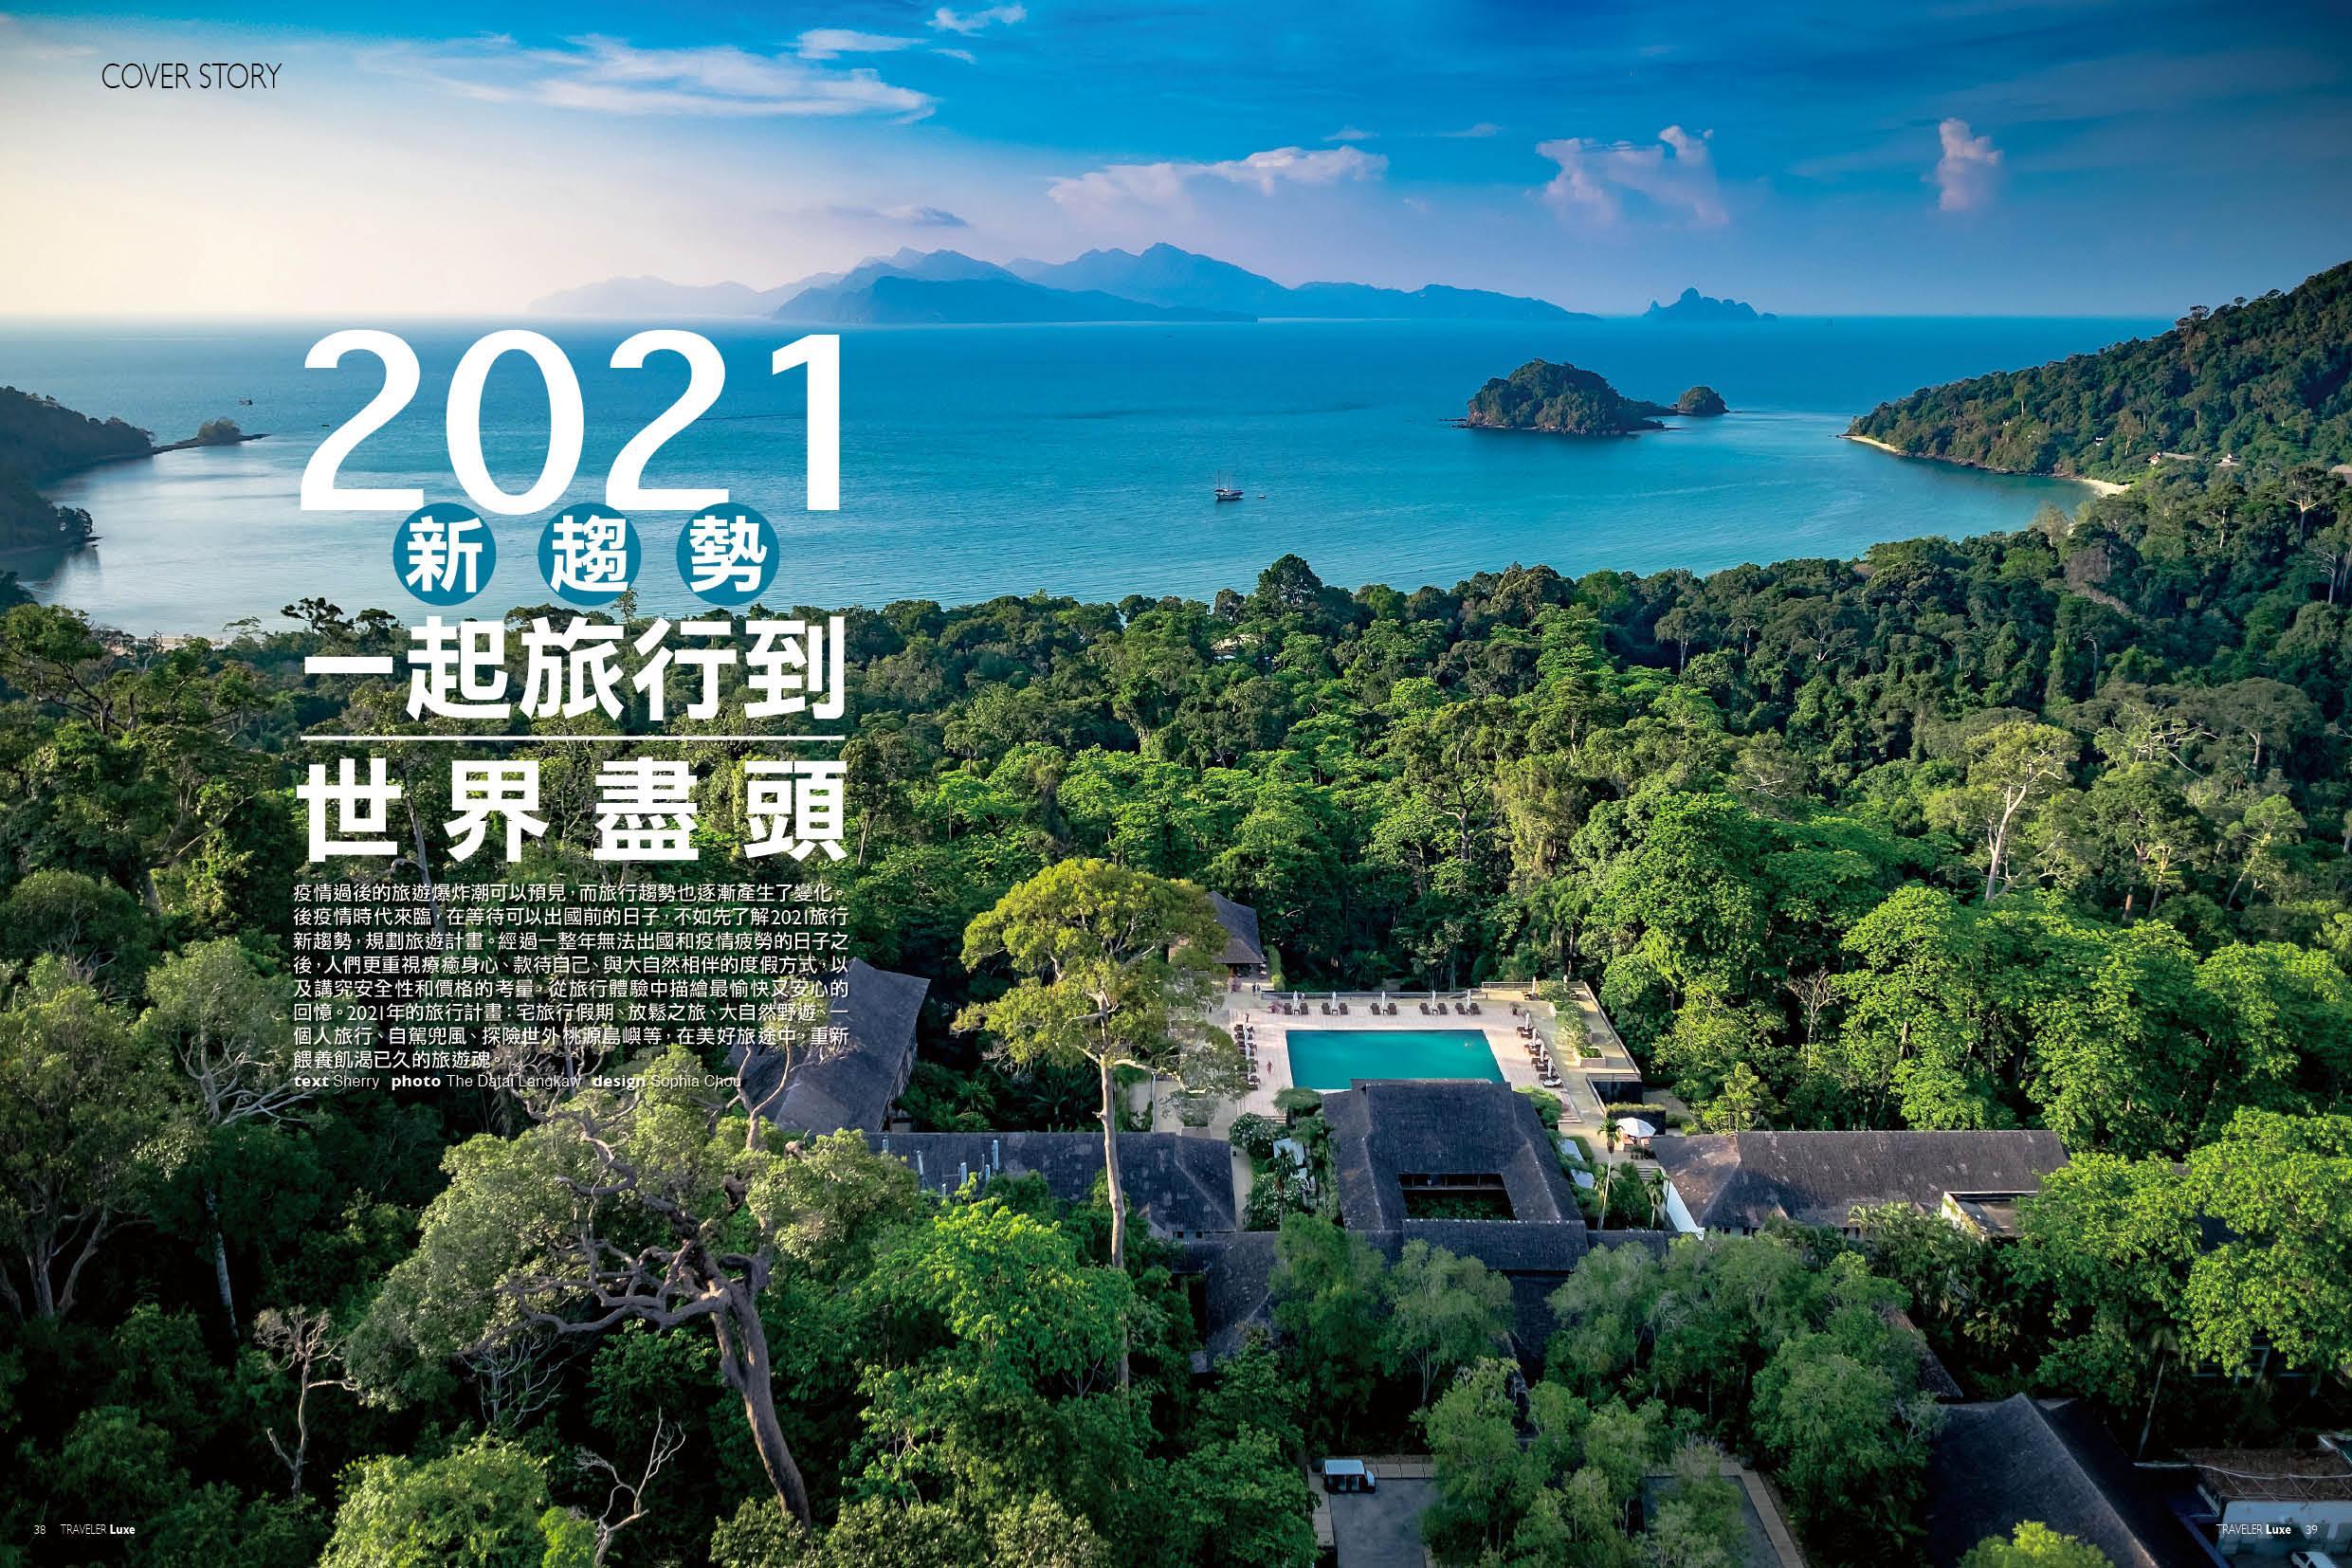 2021新趨勢,一起旅行到世界盡頭 pic1